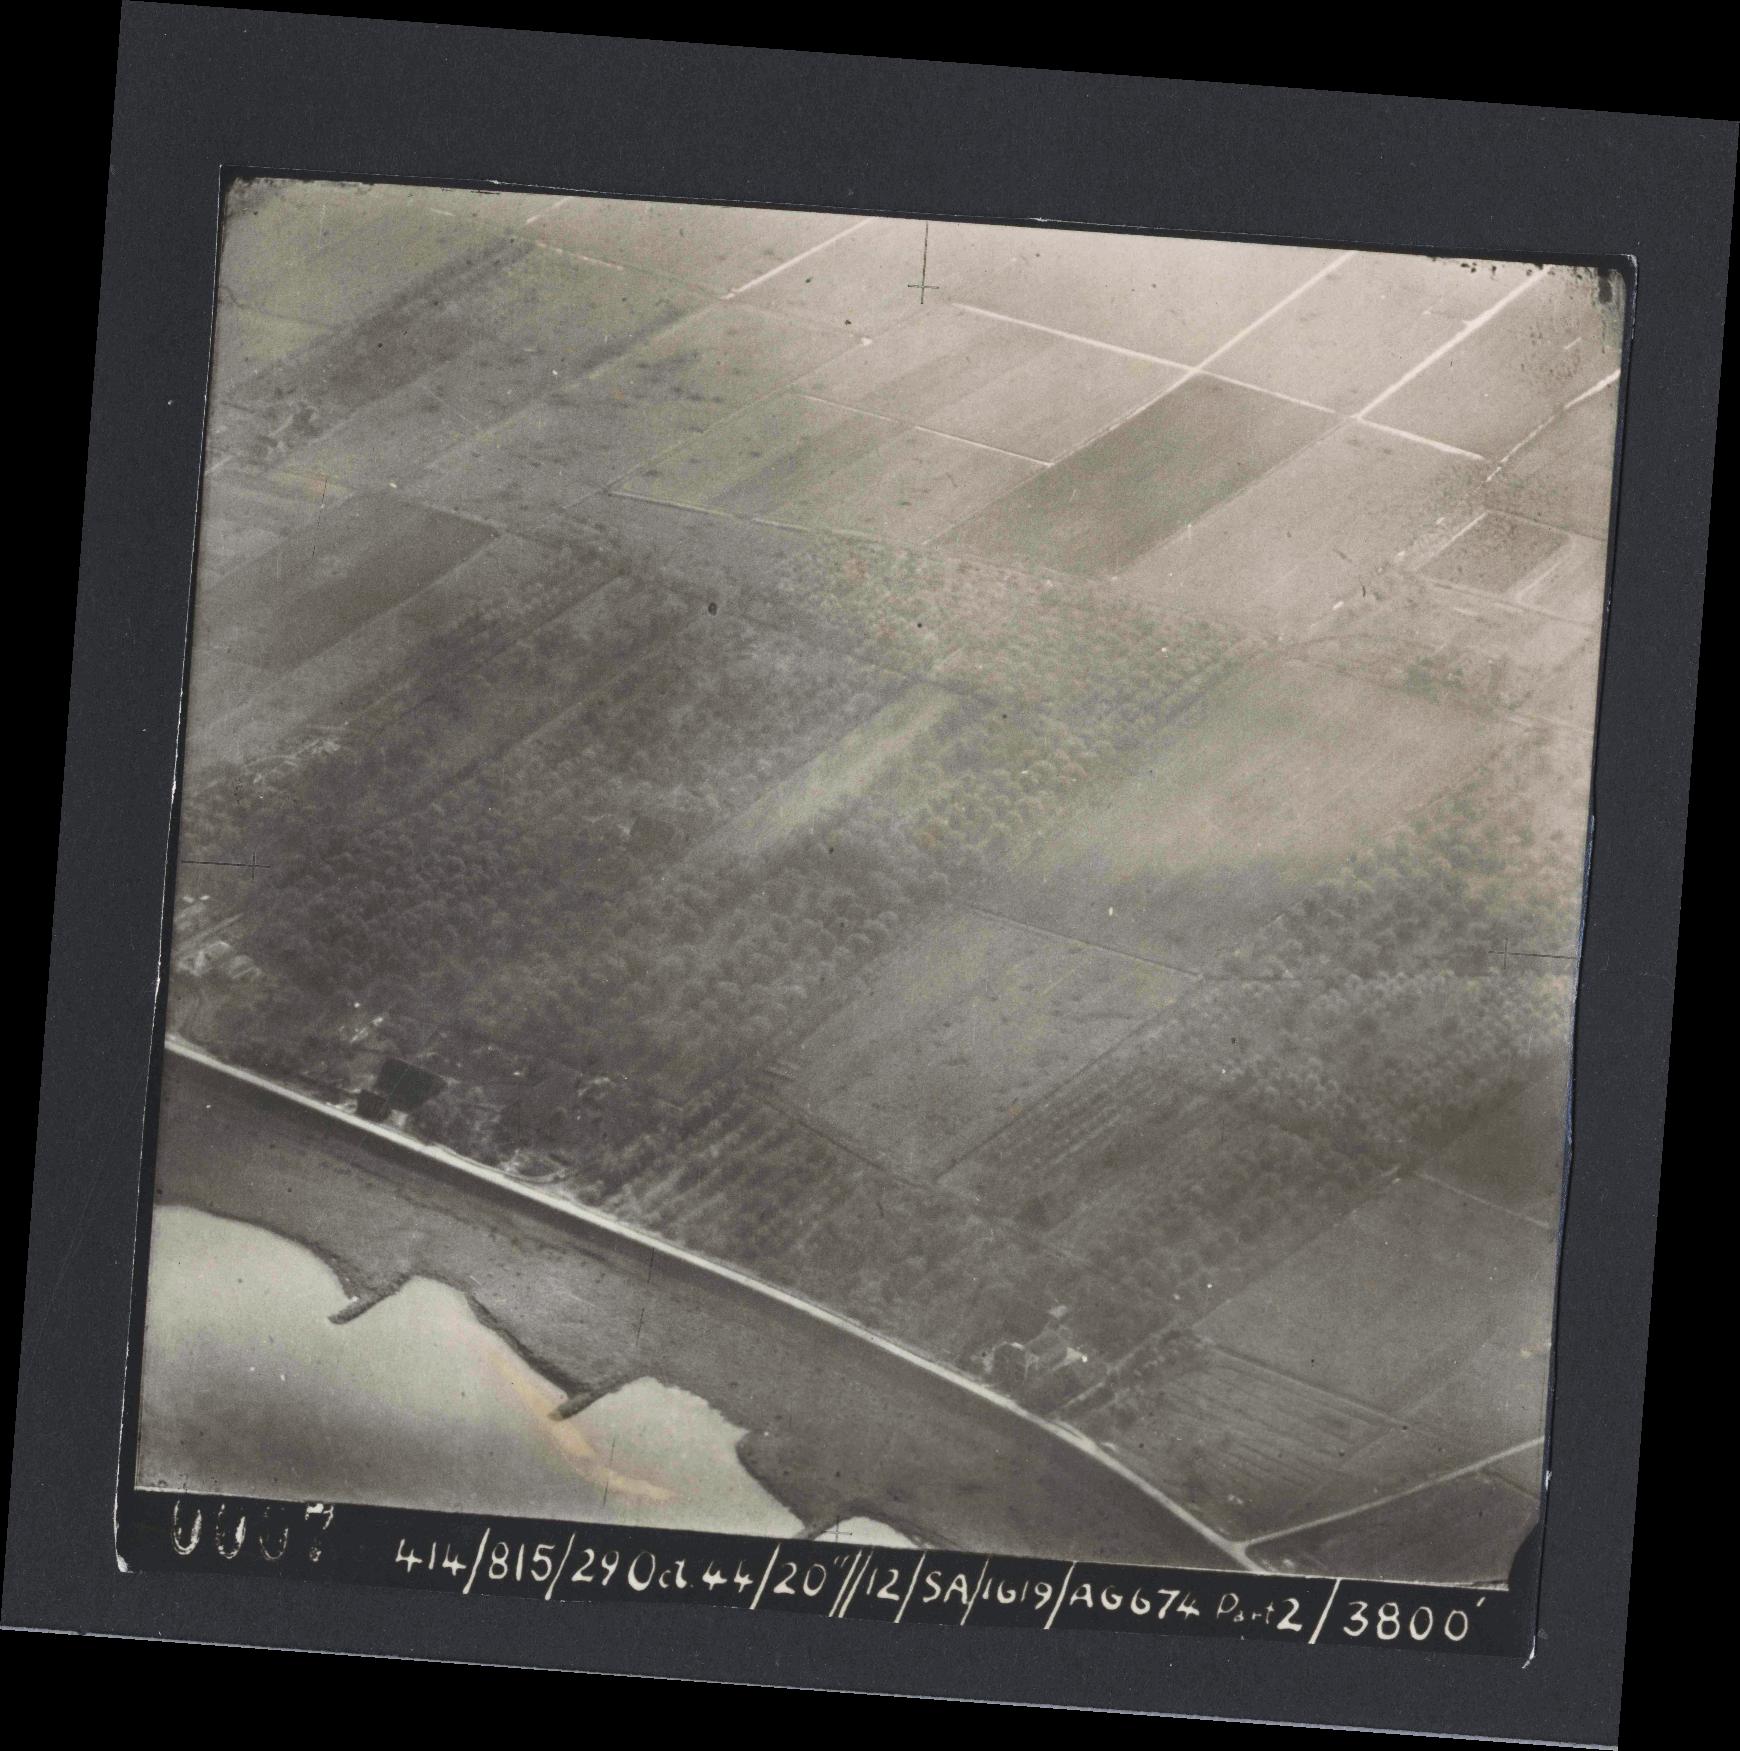 Collection RAF aerial photos 1940-1945 - flight 504, run 01, photo 0007